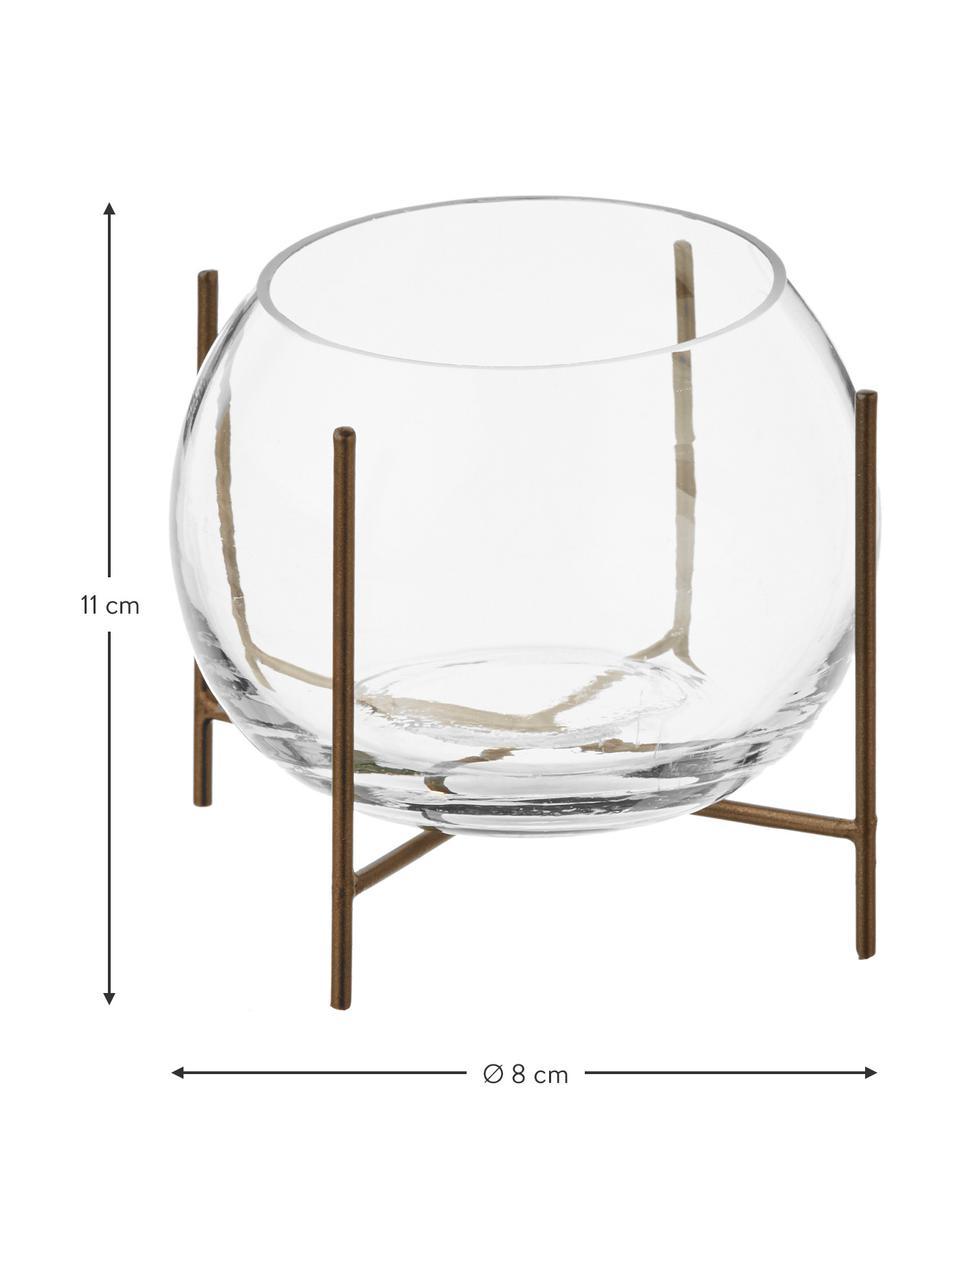 Petit vase boule sur support en métal Ada, Couleur laitonnée, transparent